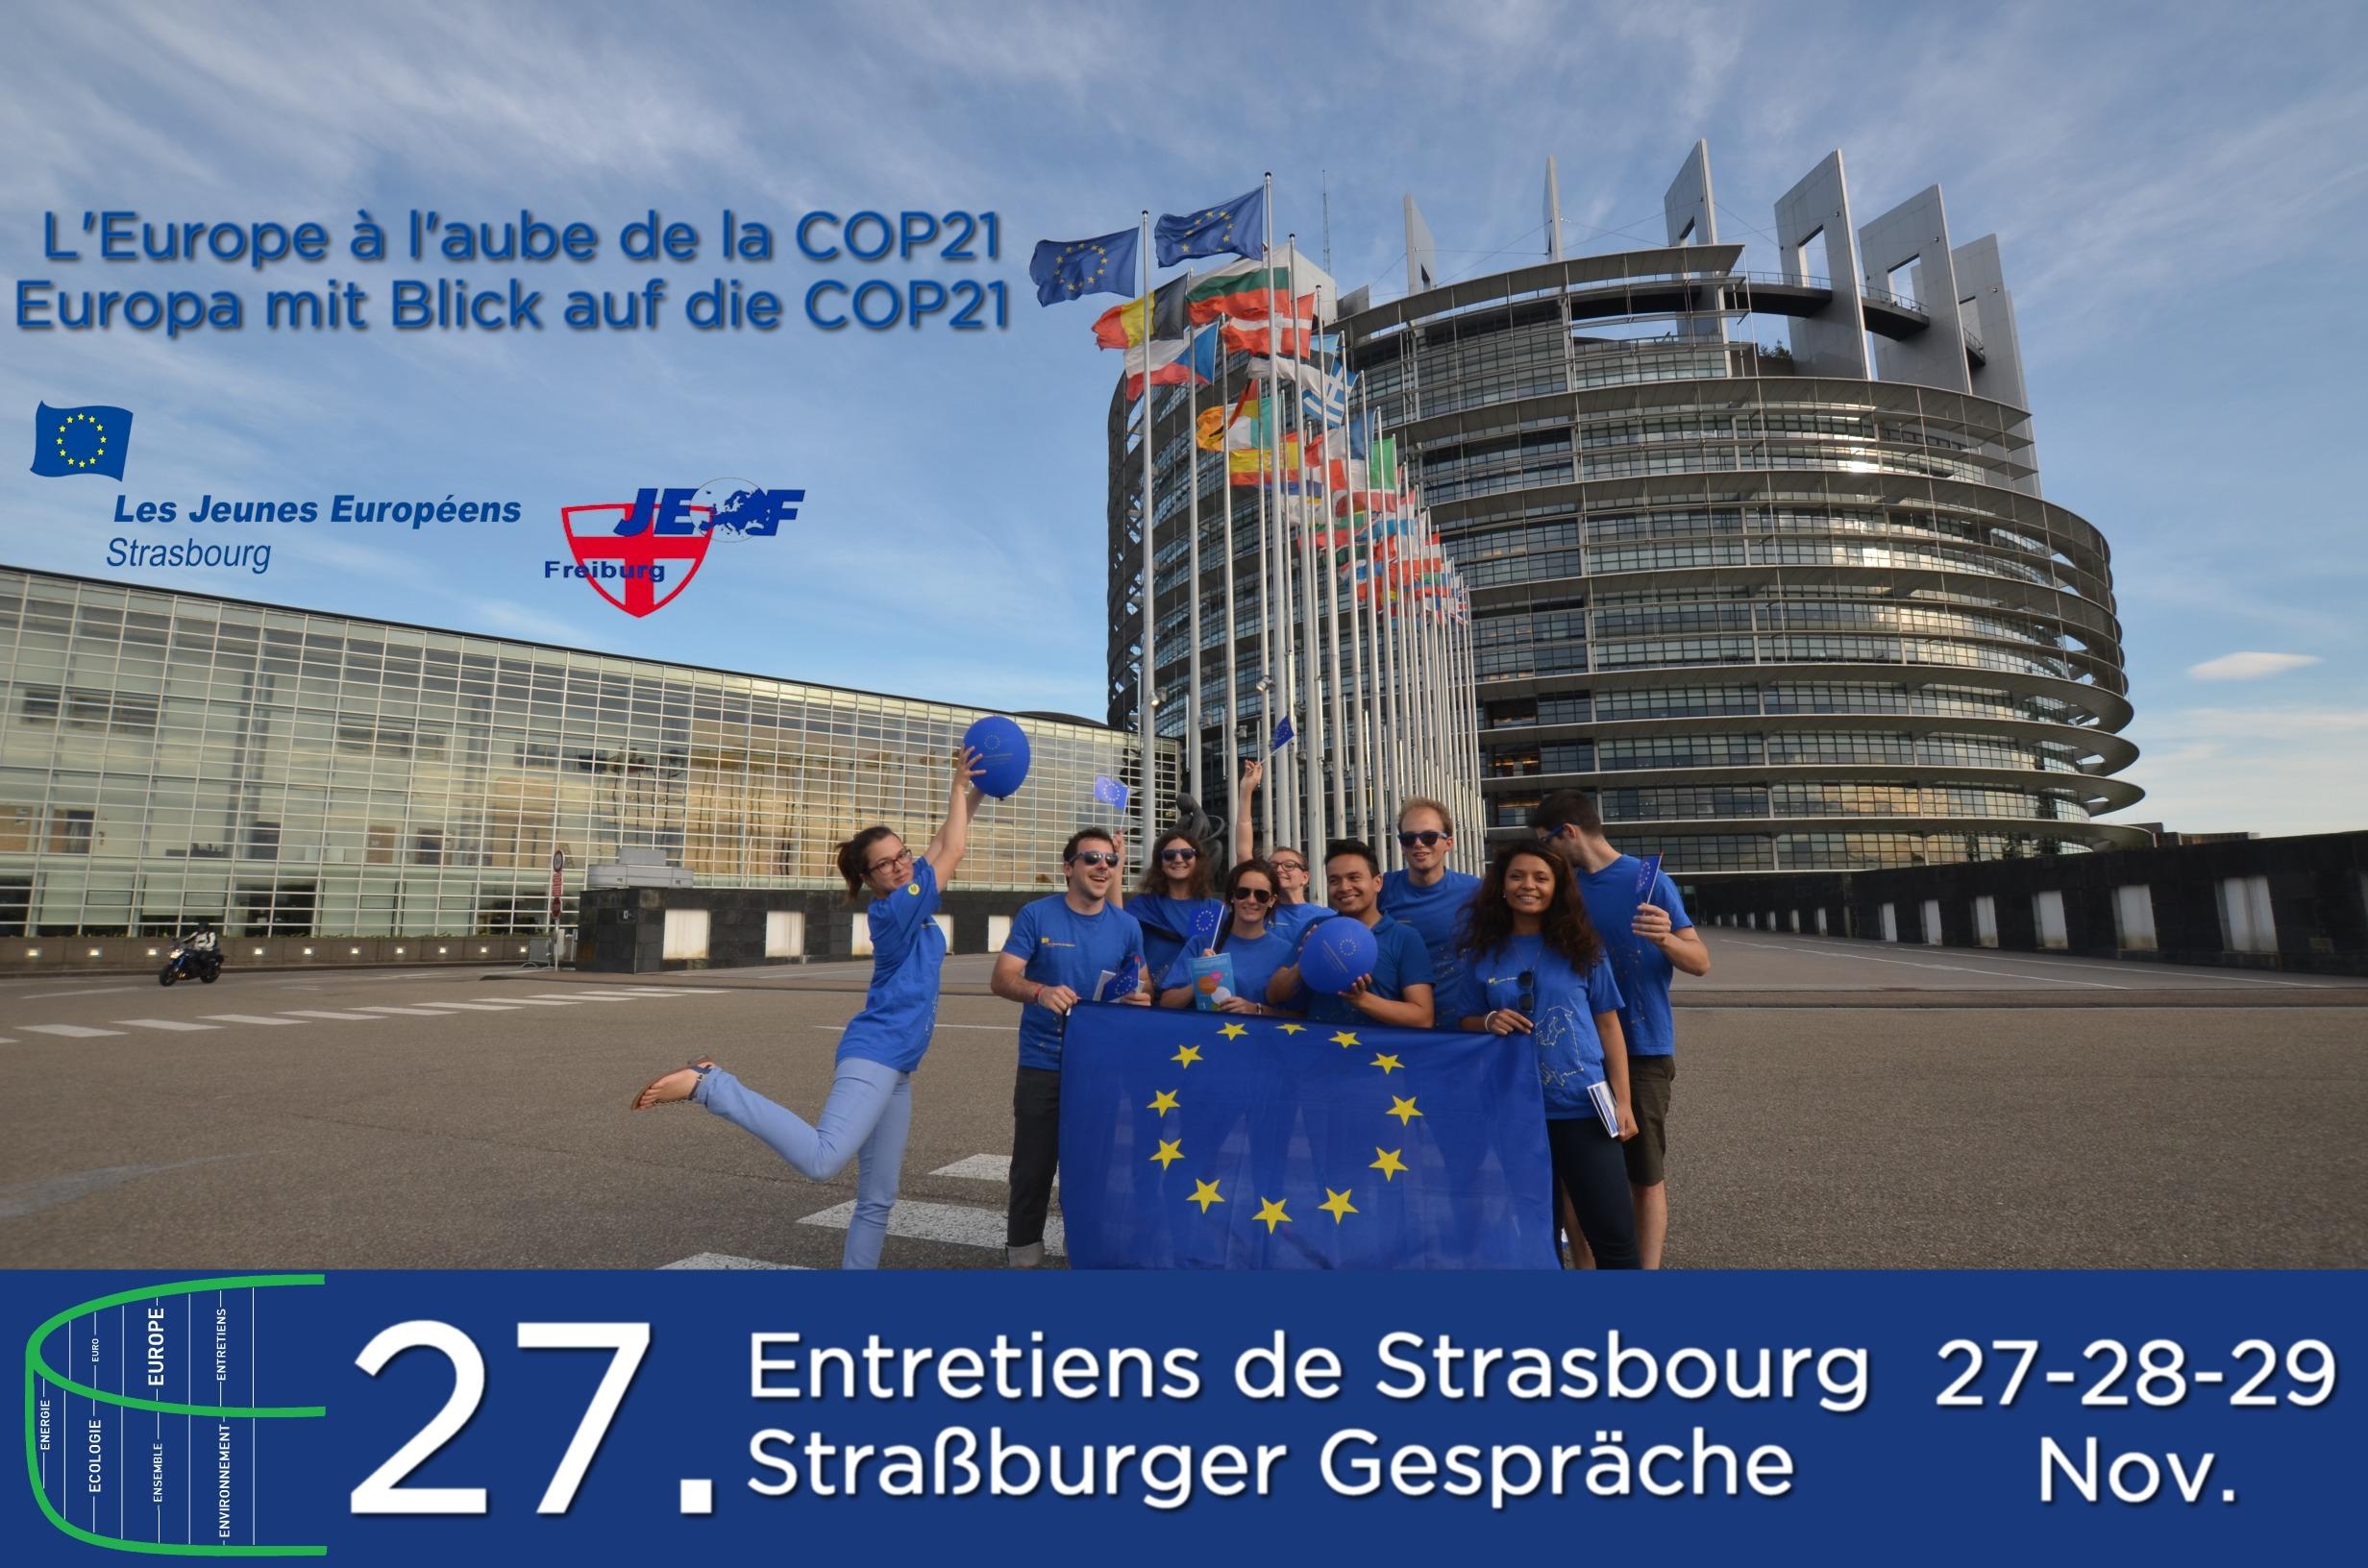 Anmeldung für die Straßburger Gespräche